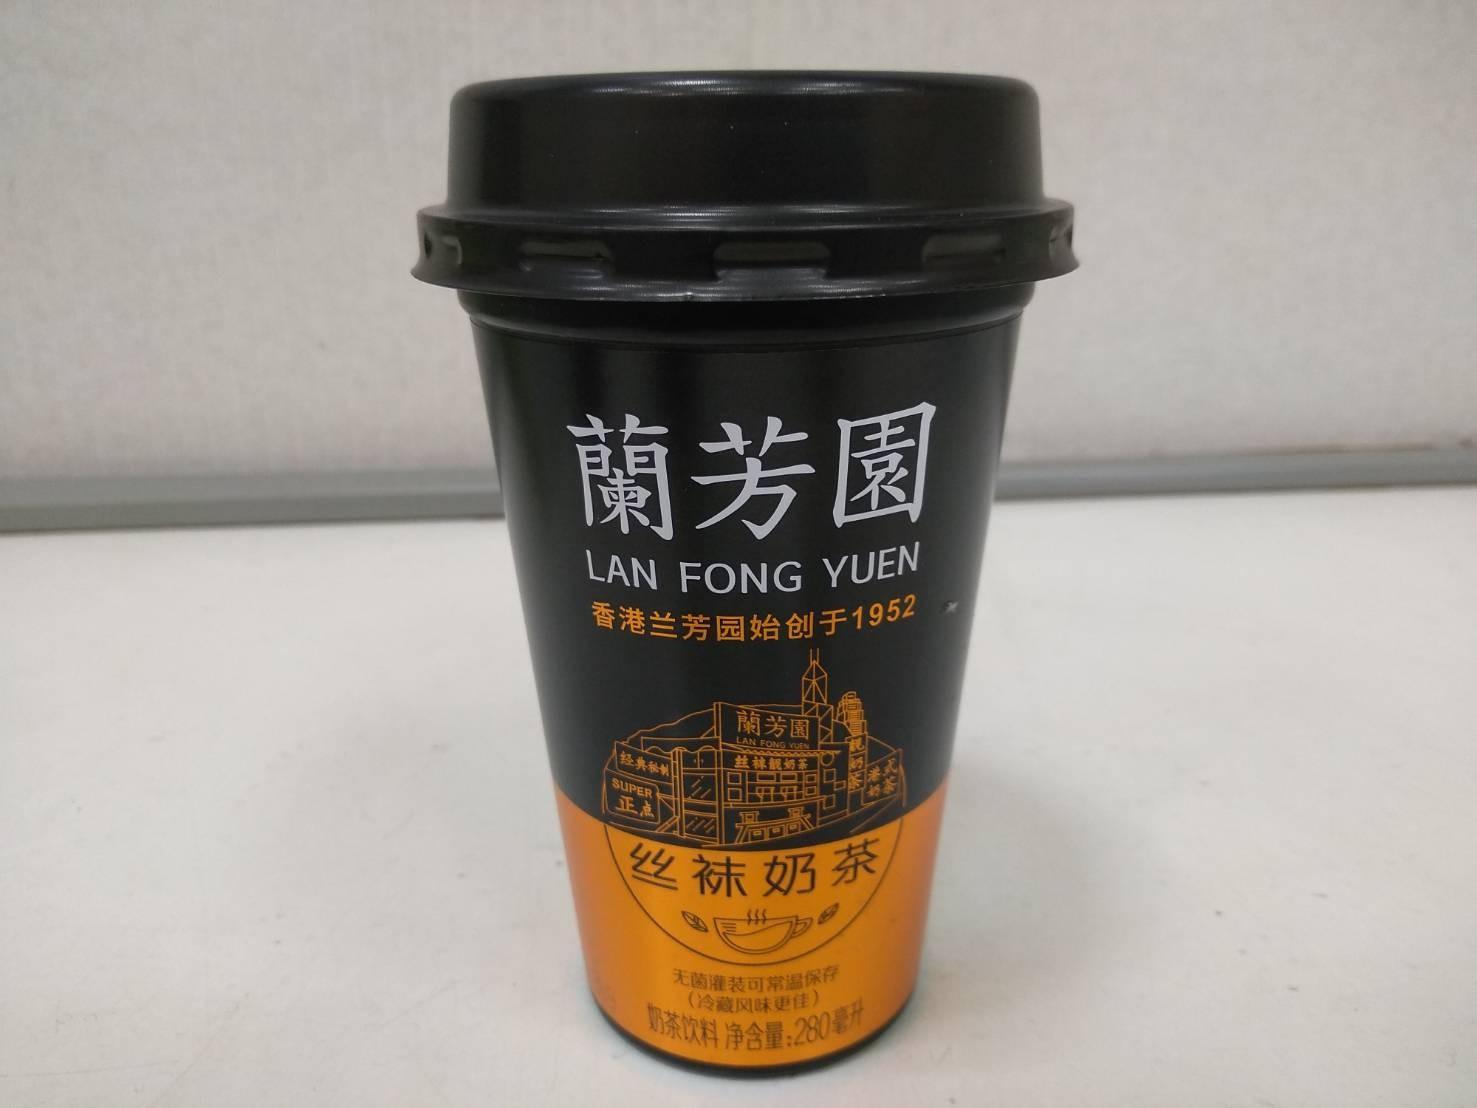 超夯香港知名老店蘭芳園×全家獨賣 杯裝絲襪奶茶限量販售…